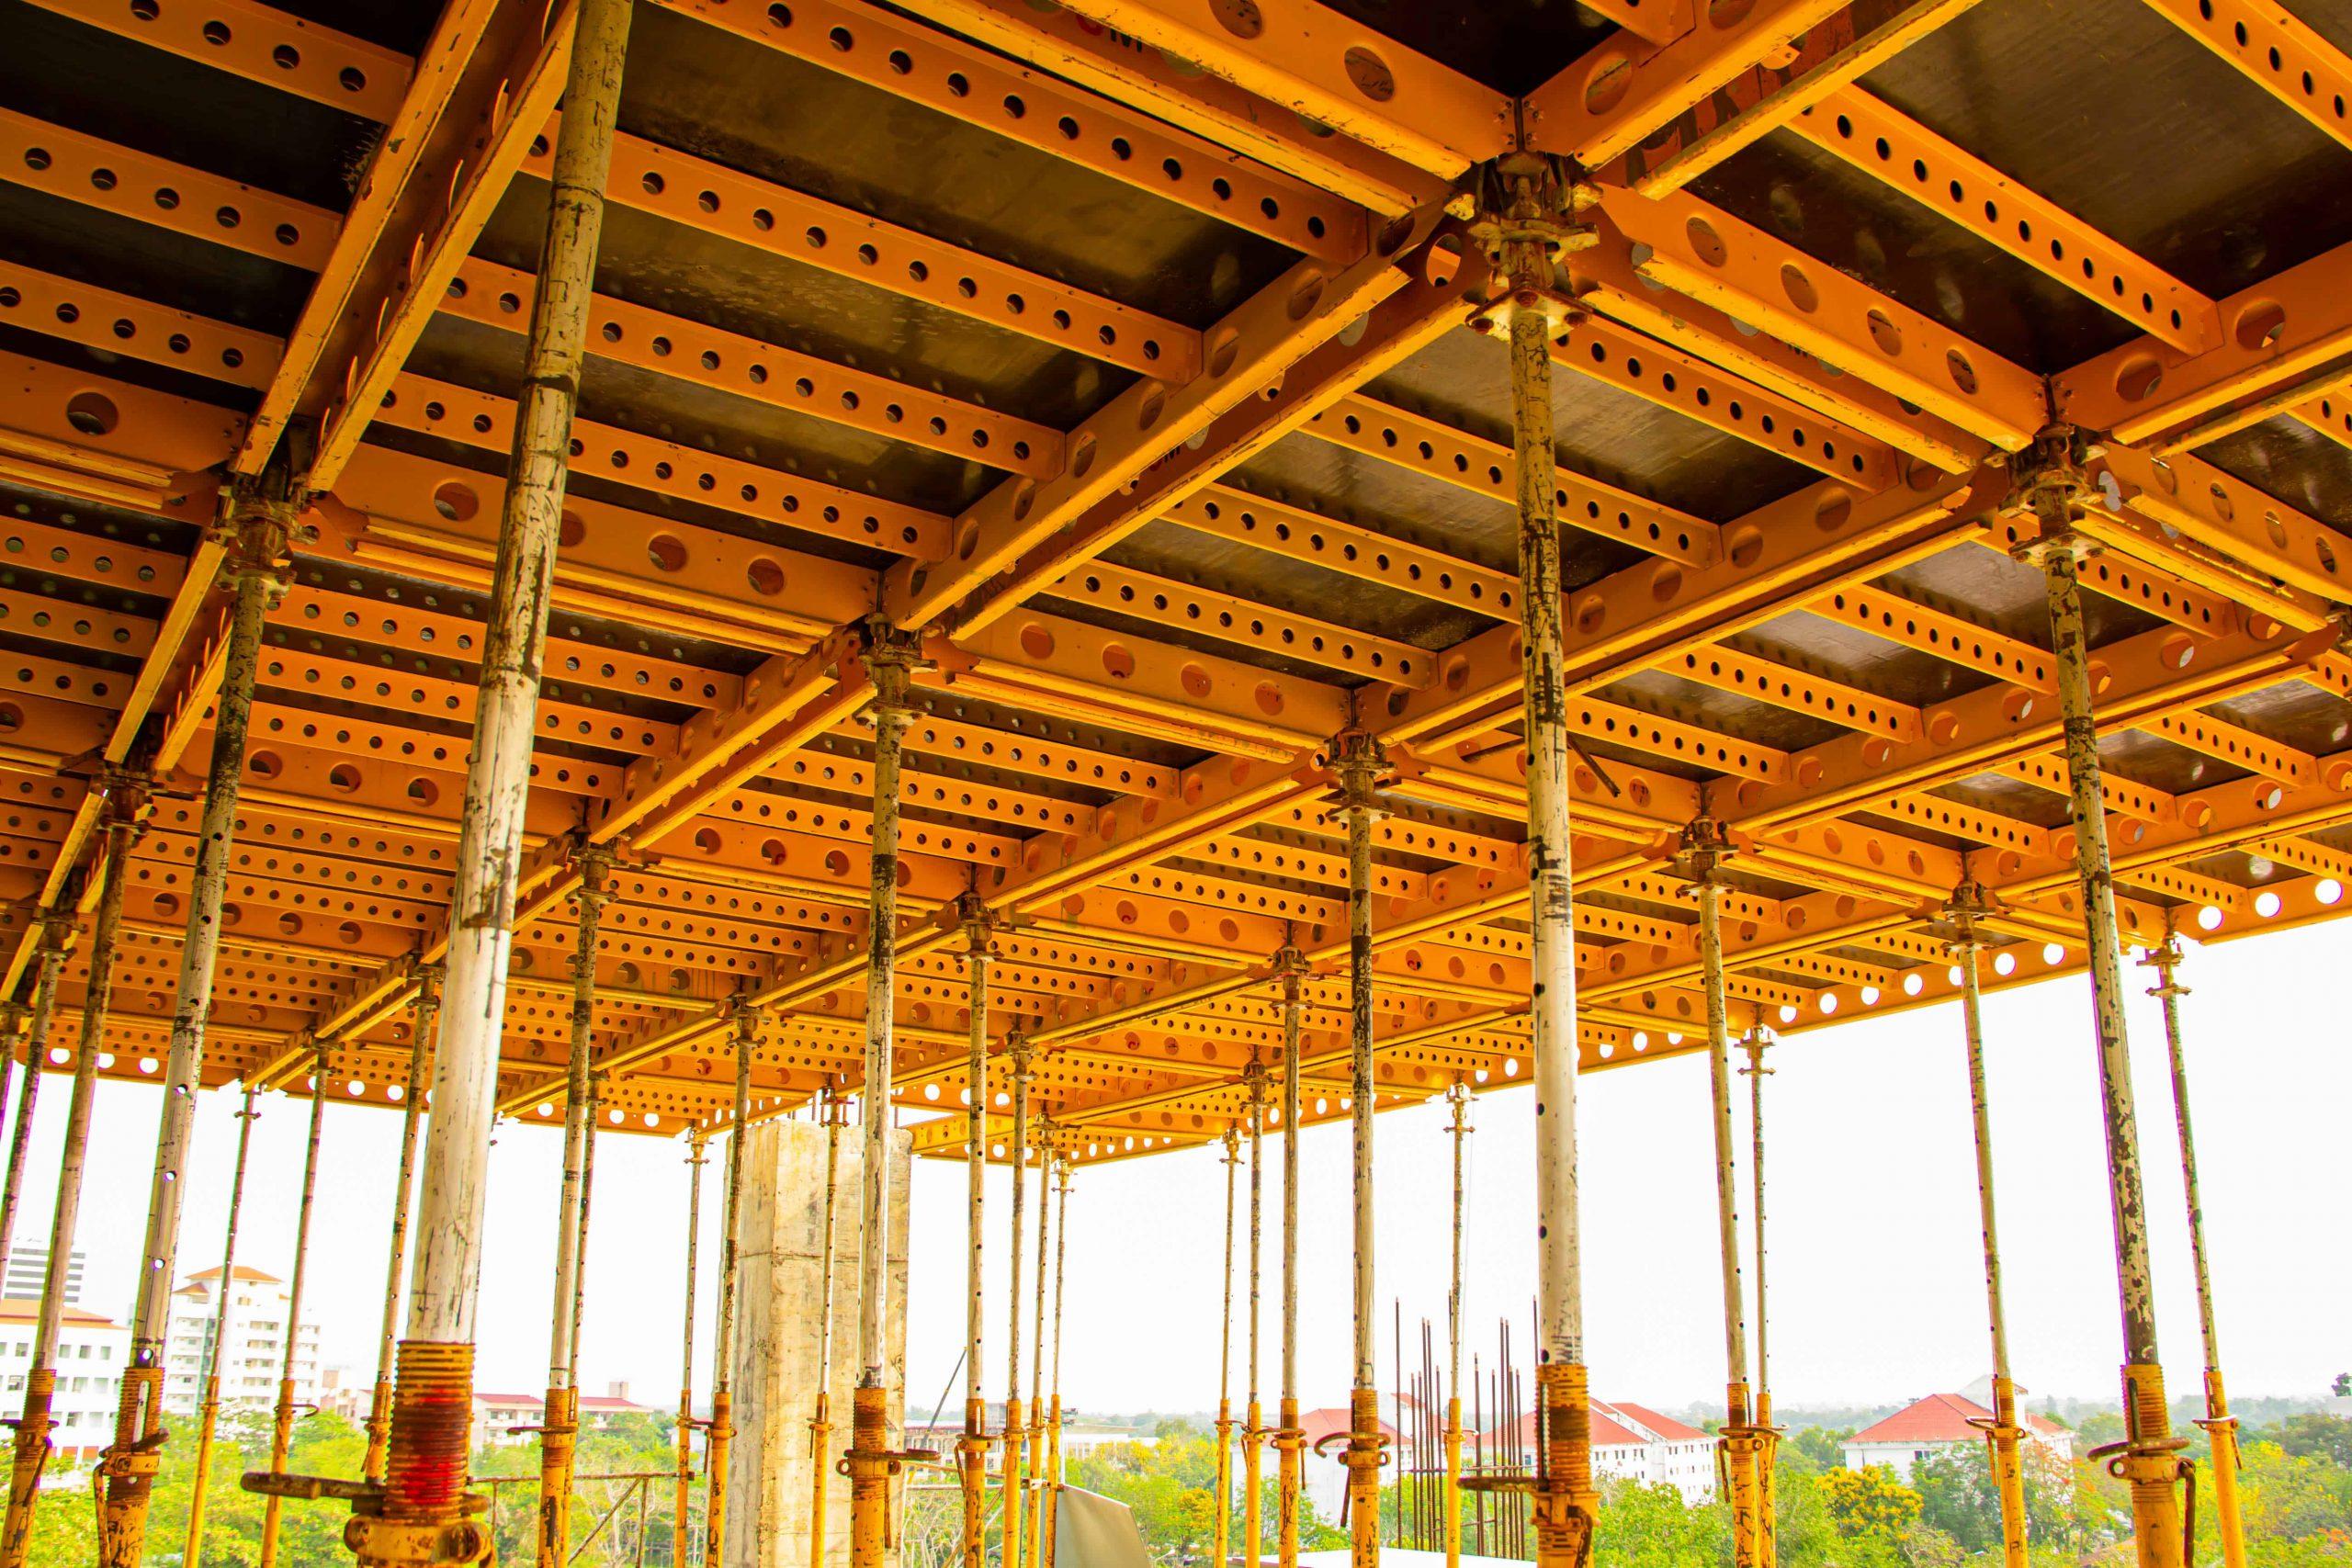 Systemy szalunkowe na placu budowy